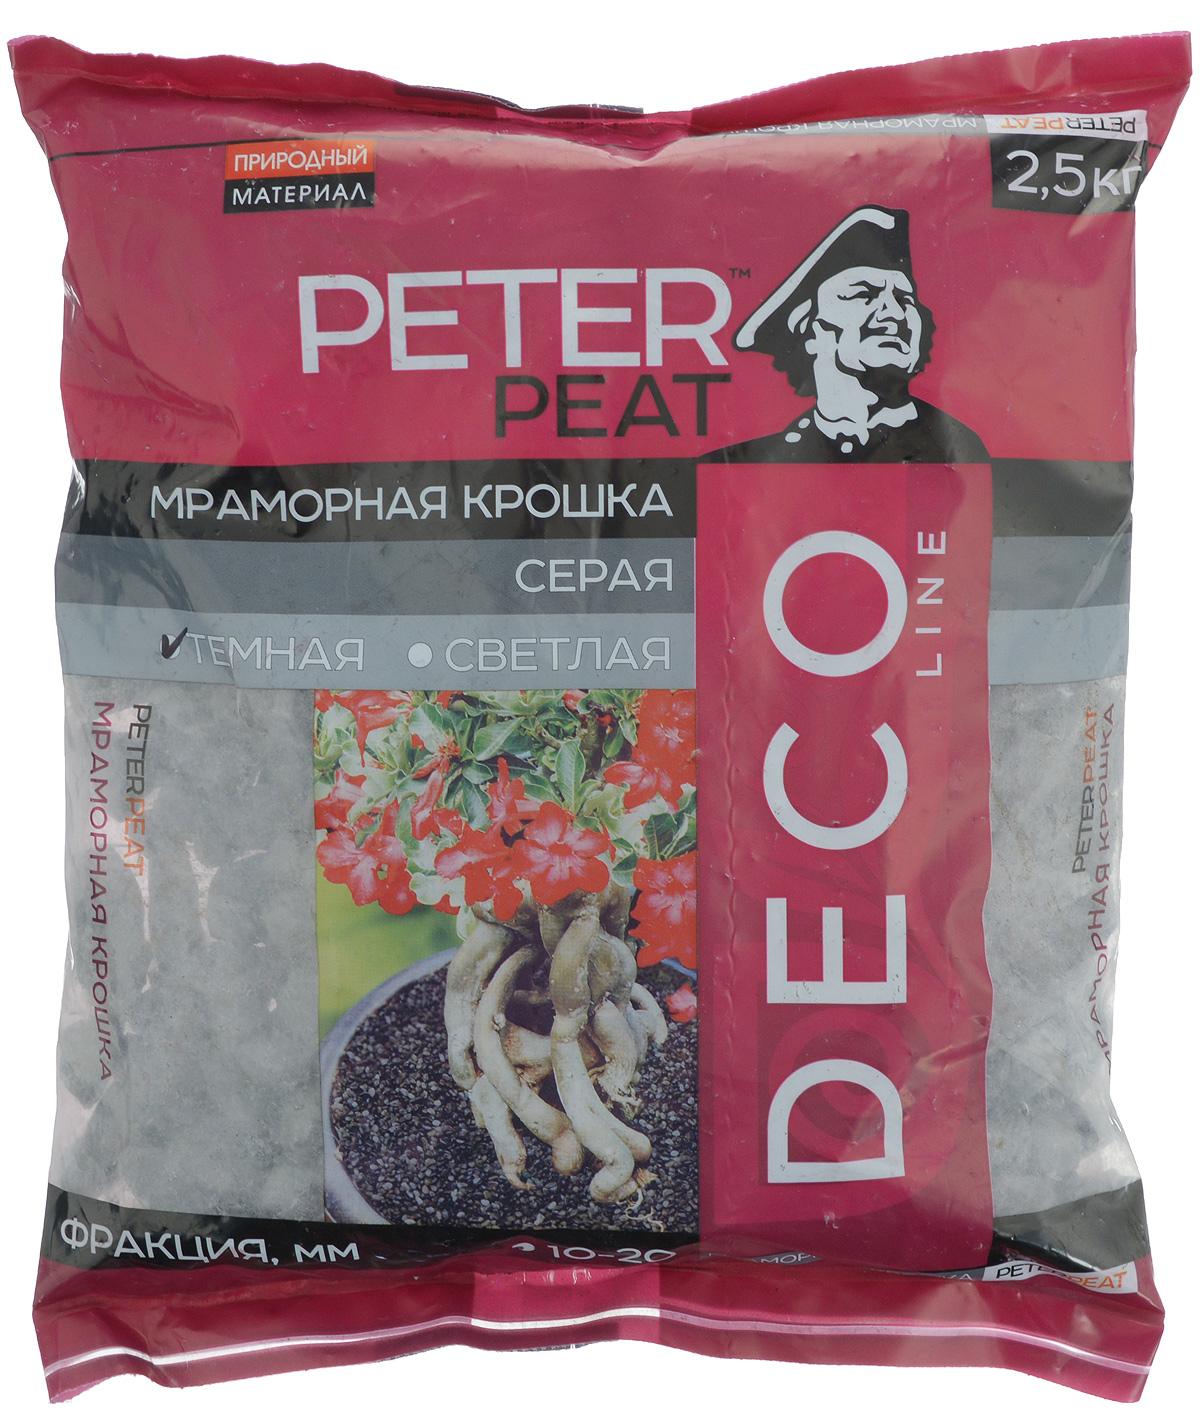 Мраморная крошка Peter Peat, крупная, цвет: темно-серый, 2,5 кг крошка мраморная красная фракция 10 20 мм 10 кг